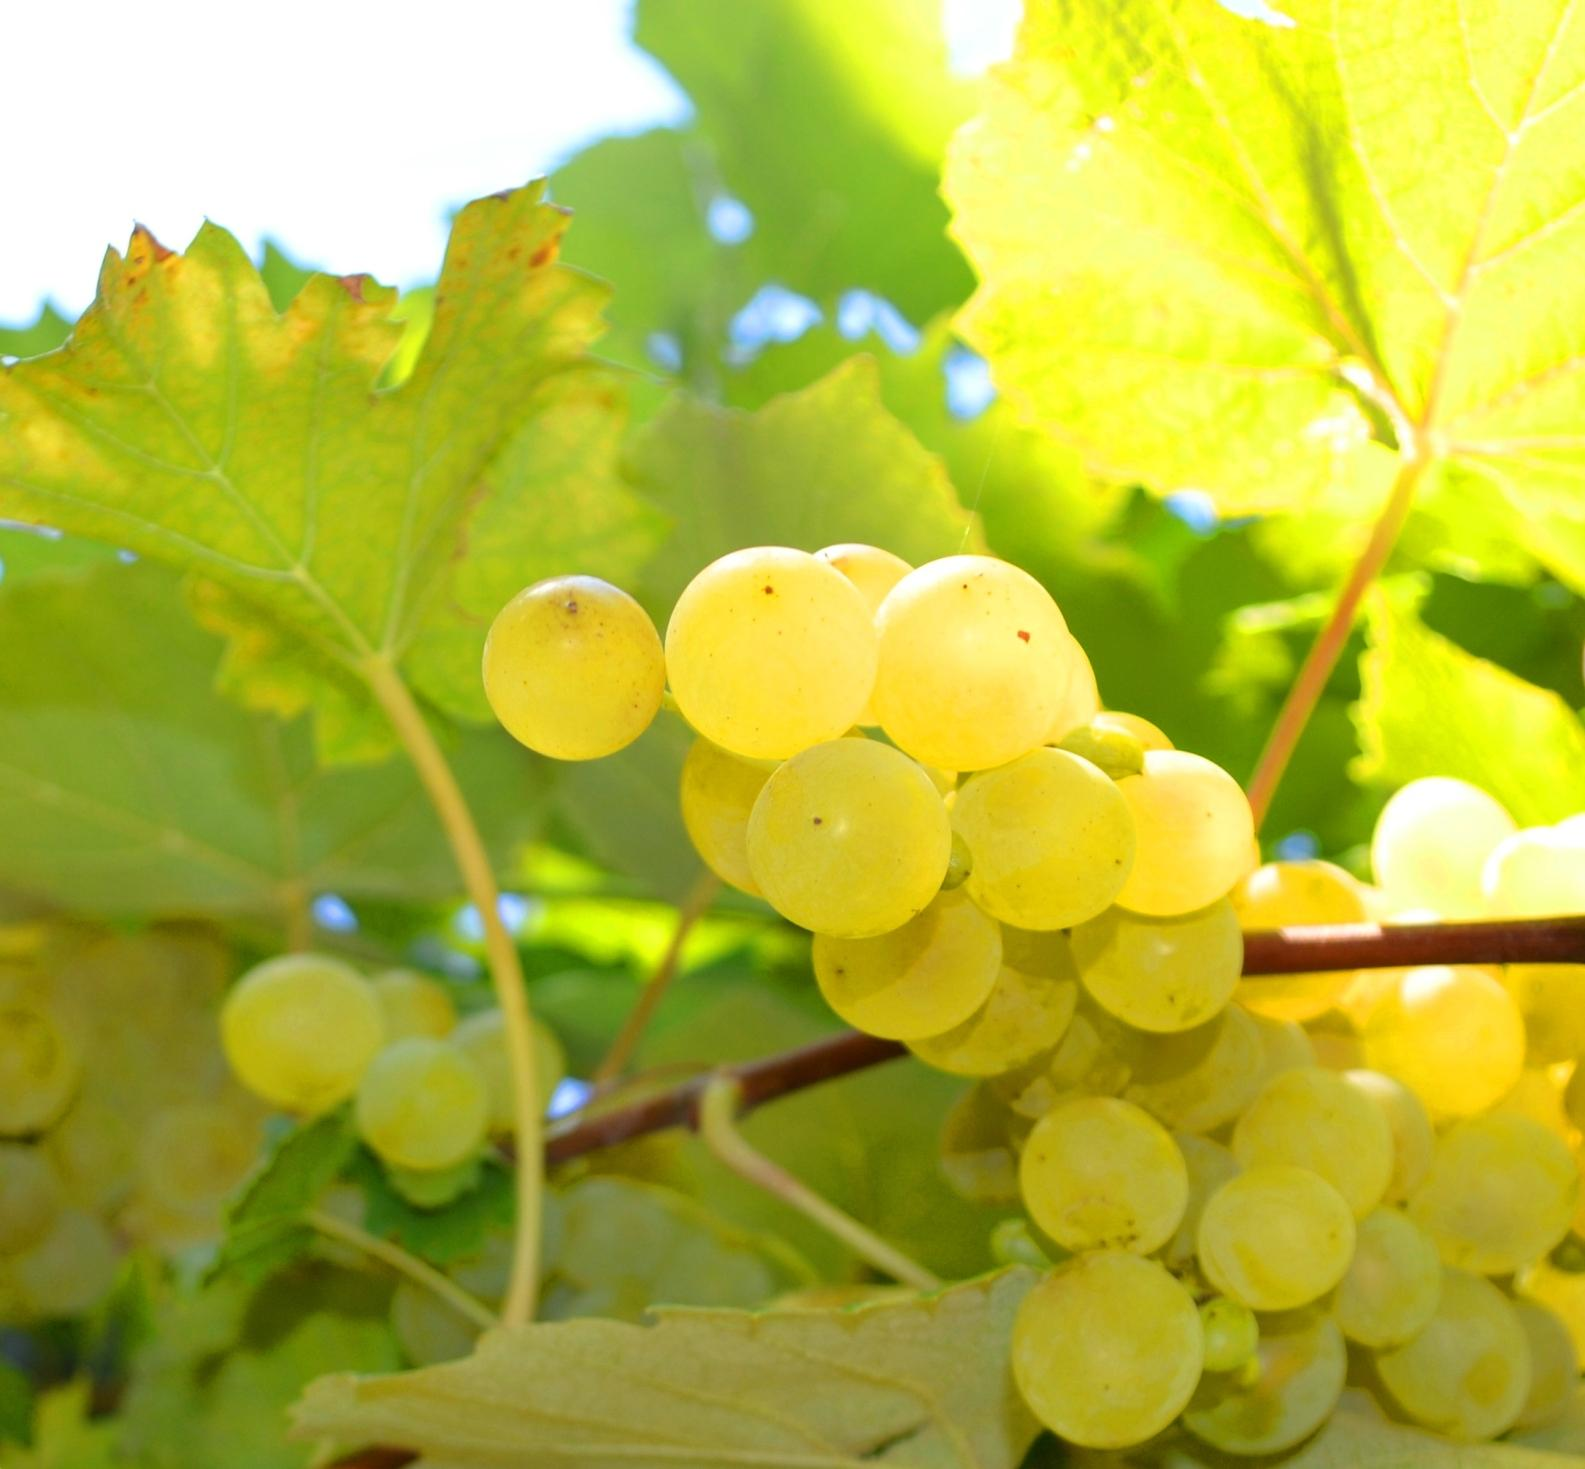 Es verspricht ein toller Jahrgang zu werden! Wir freuen uns auf einen tollen Wein.